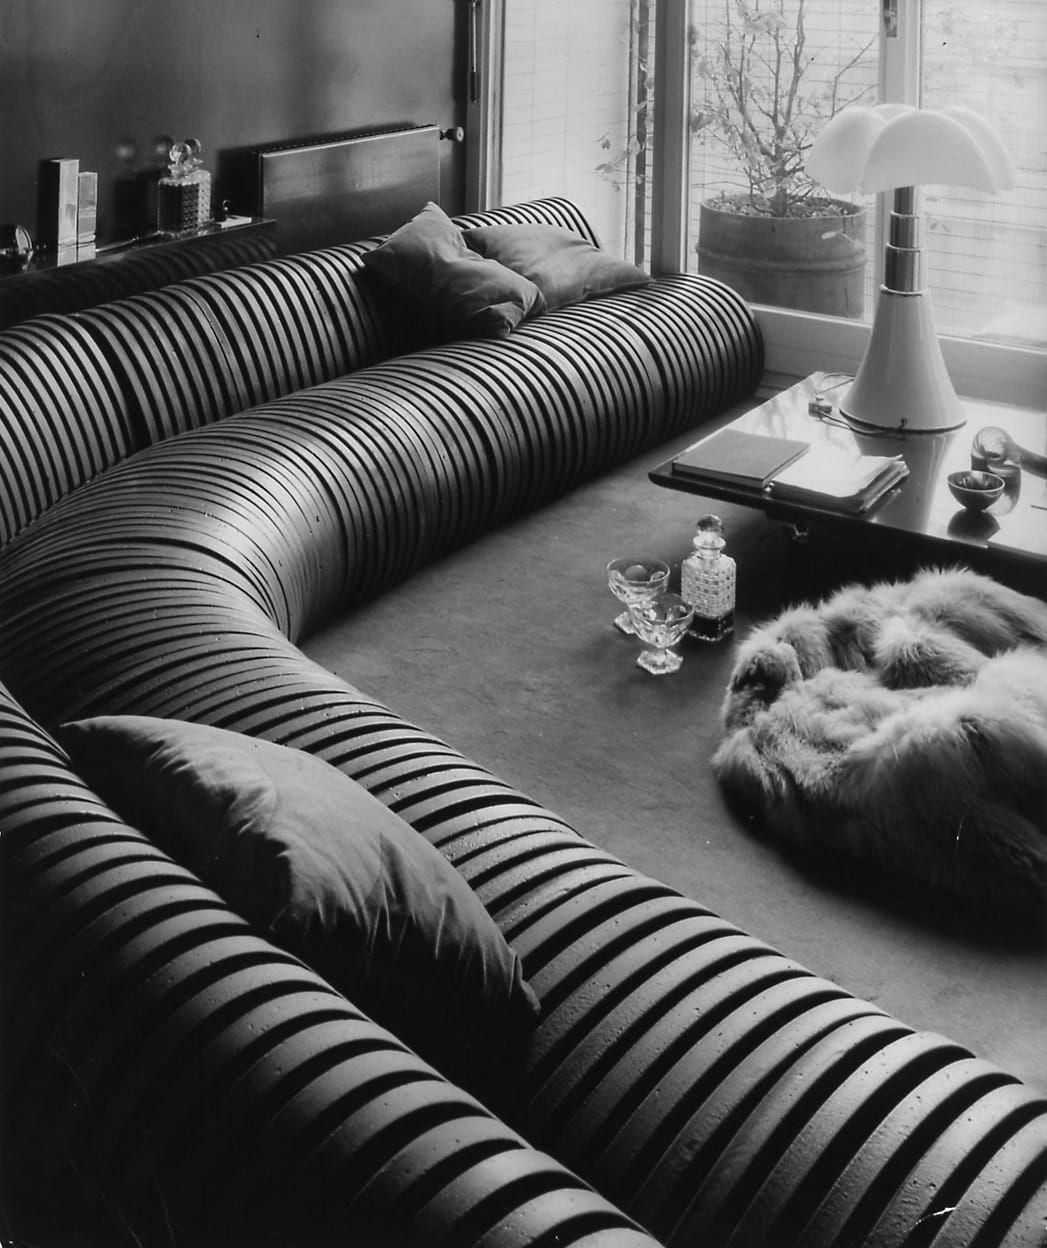 Il Serpentone di Cini Boeri, il divano per tutti che si vende al metro